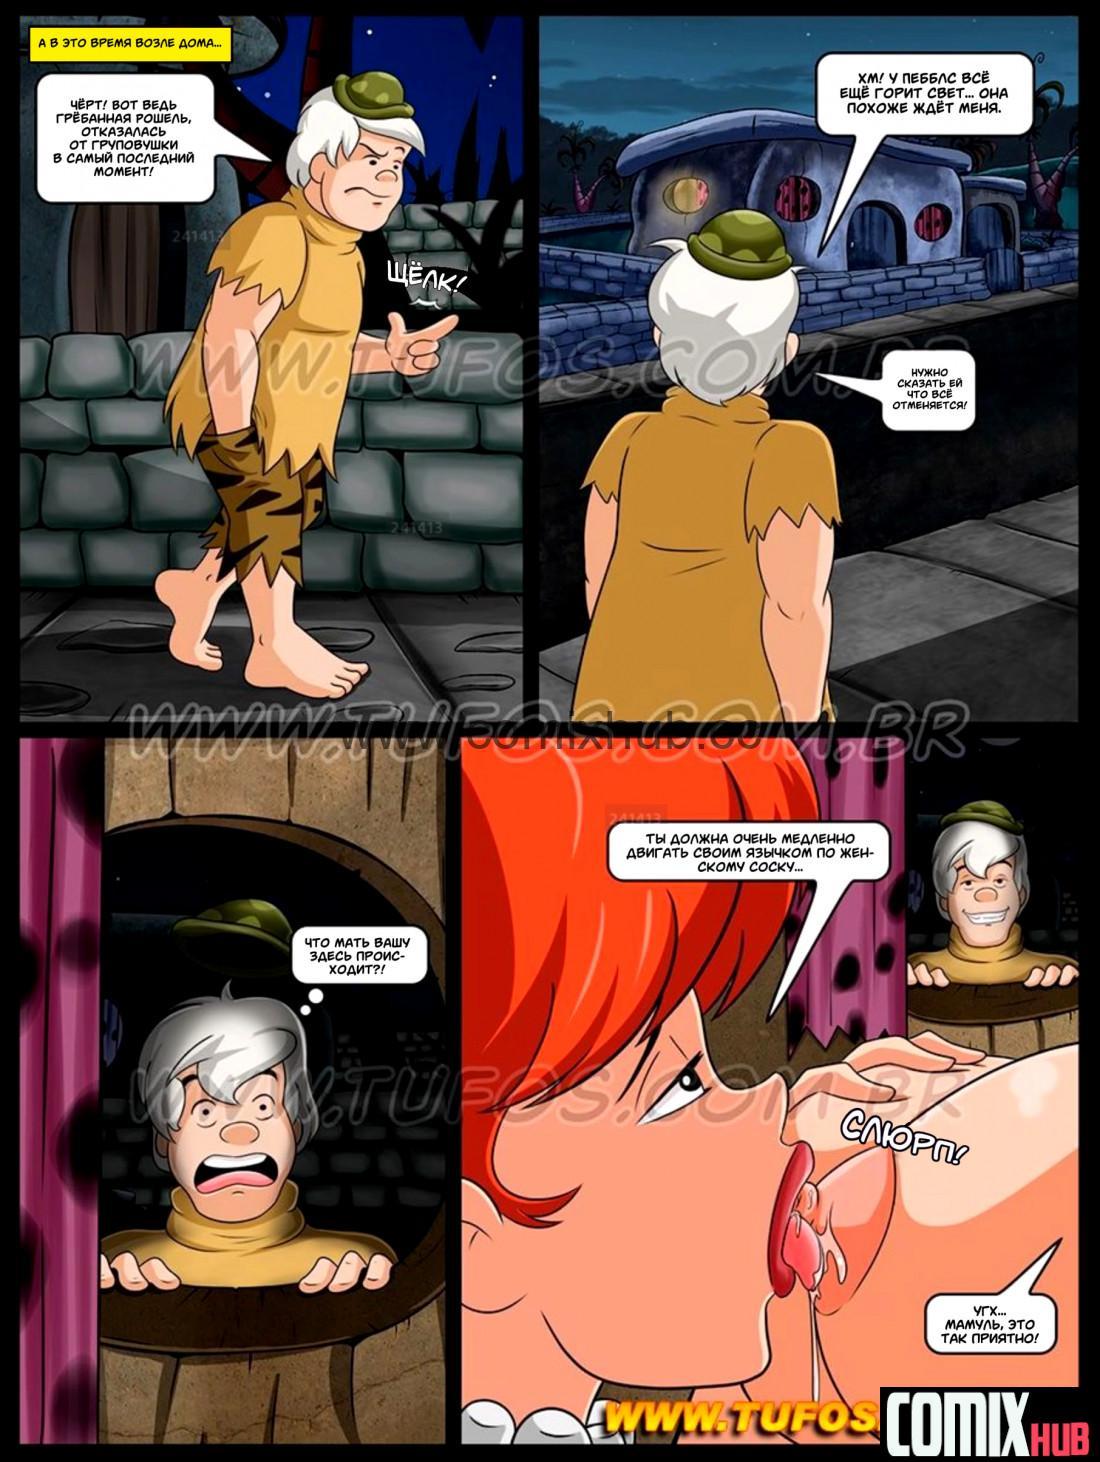 Порно комикс Флинстоуны #2: Разговор с дочерью о сексе Порно комиксы, Большая грудь, Групповой секс, Инцест, Лесбиянки